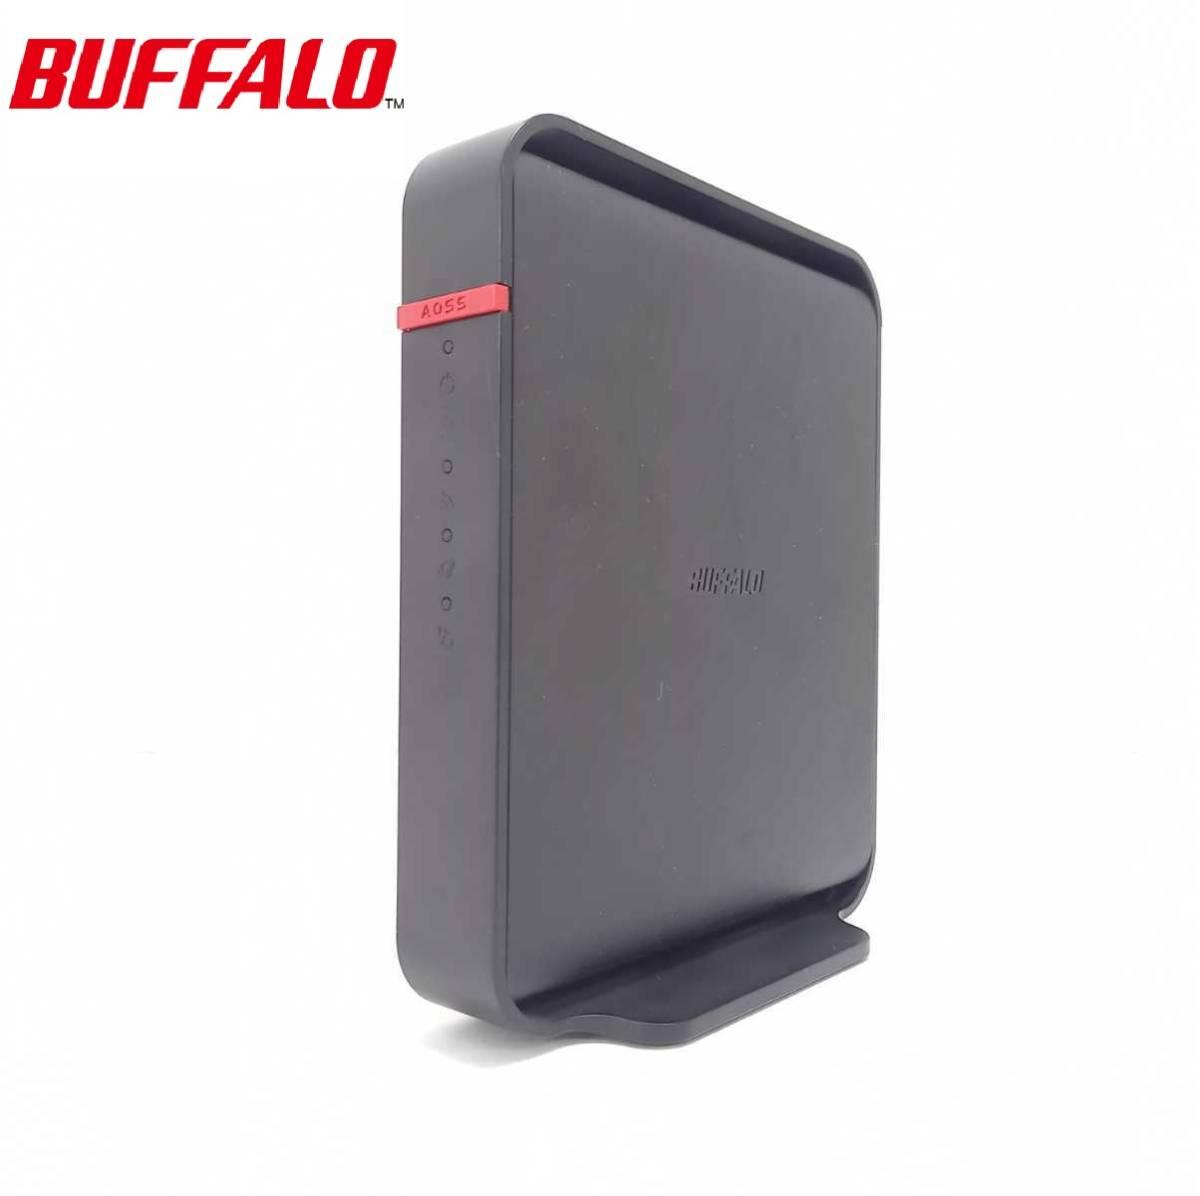 ☆美品☆ BUFFALO / バッファロー 無線LANルーターWHR-300HP2 初期化済 LANケーブル2m付き